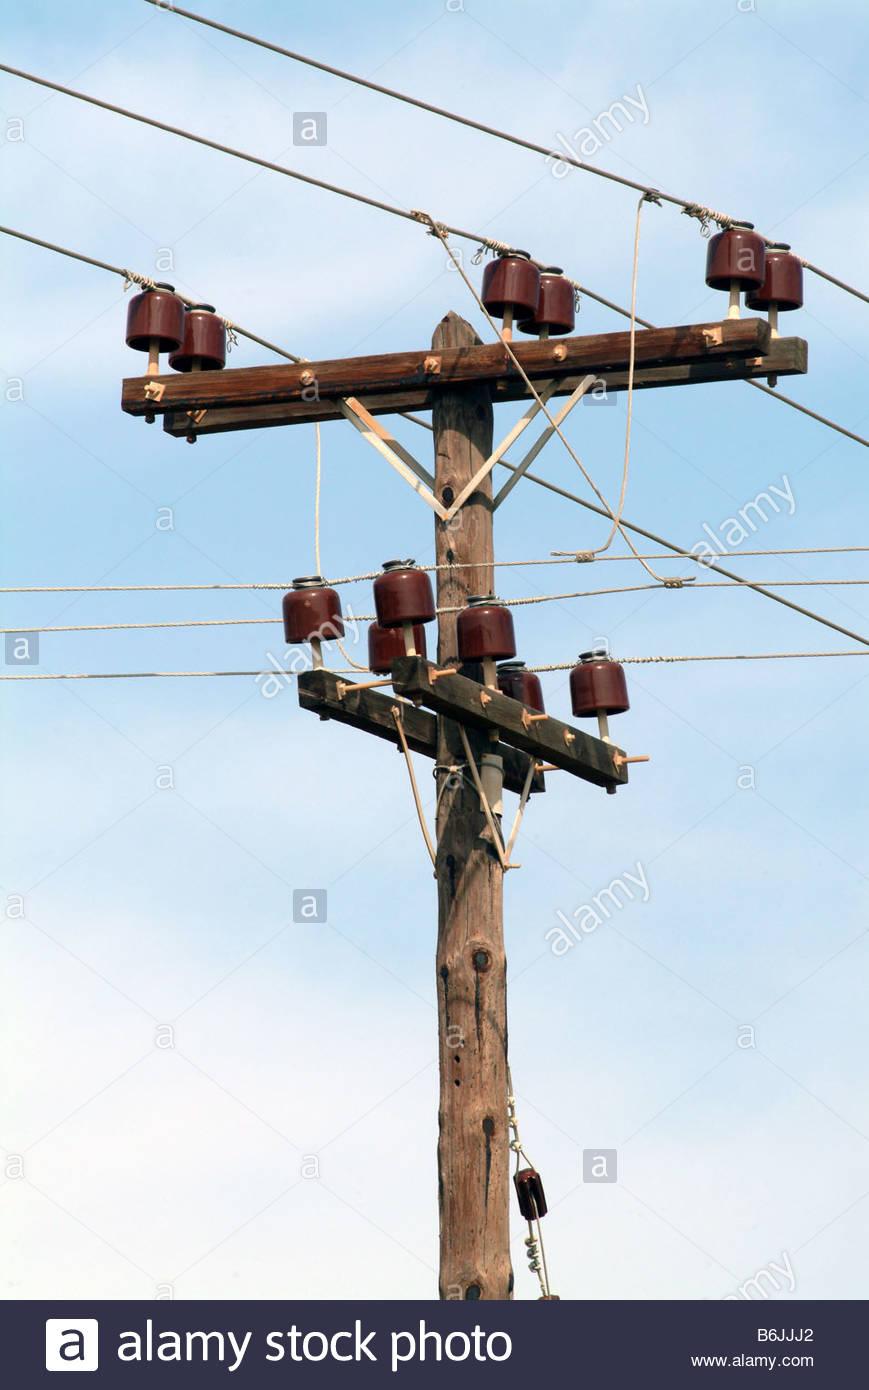 elektrische pylon strom oder telefonmast holz h lzern stockfoto bild 21308058 alamy. Black Bedroom Furniture Sets. Home Design Ideas